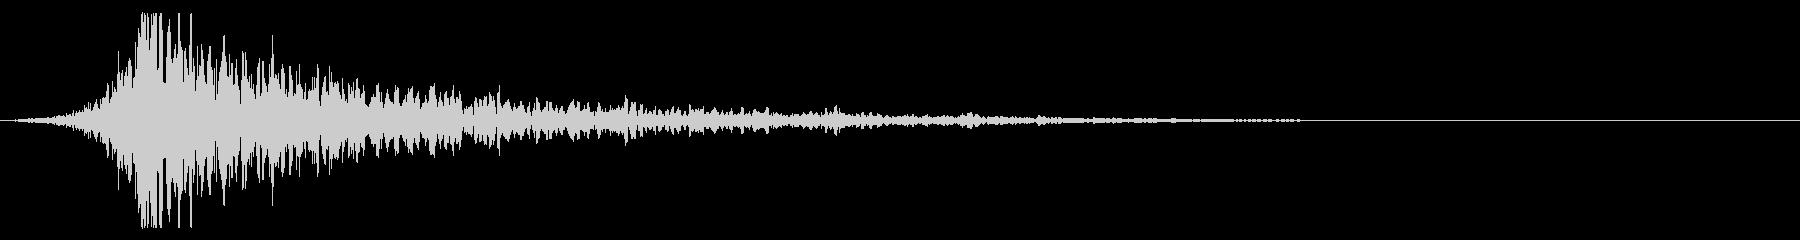 シュードーン-36-1(インパクト音)の未再生の波形